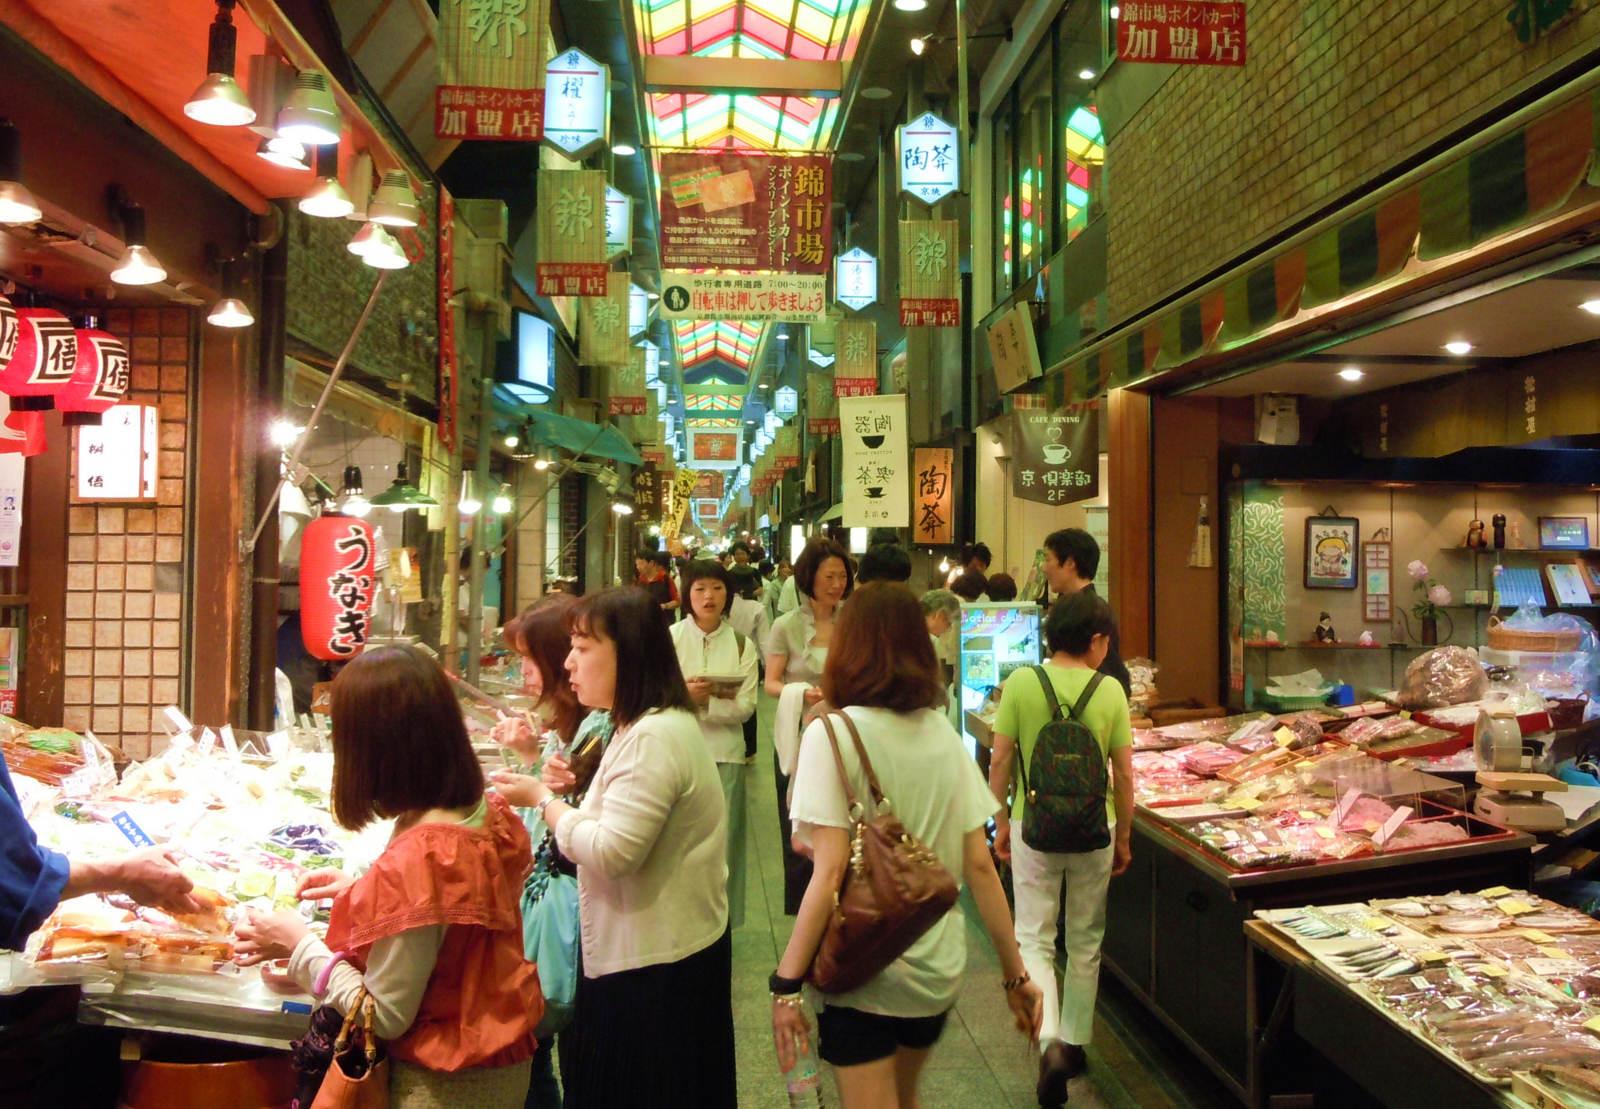 10 ตลาดญี่ปุ่นที่น่าสนใจ-ตลาดนิชิกิ